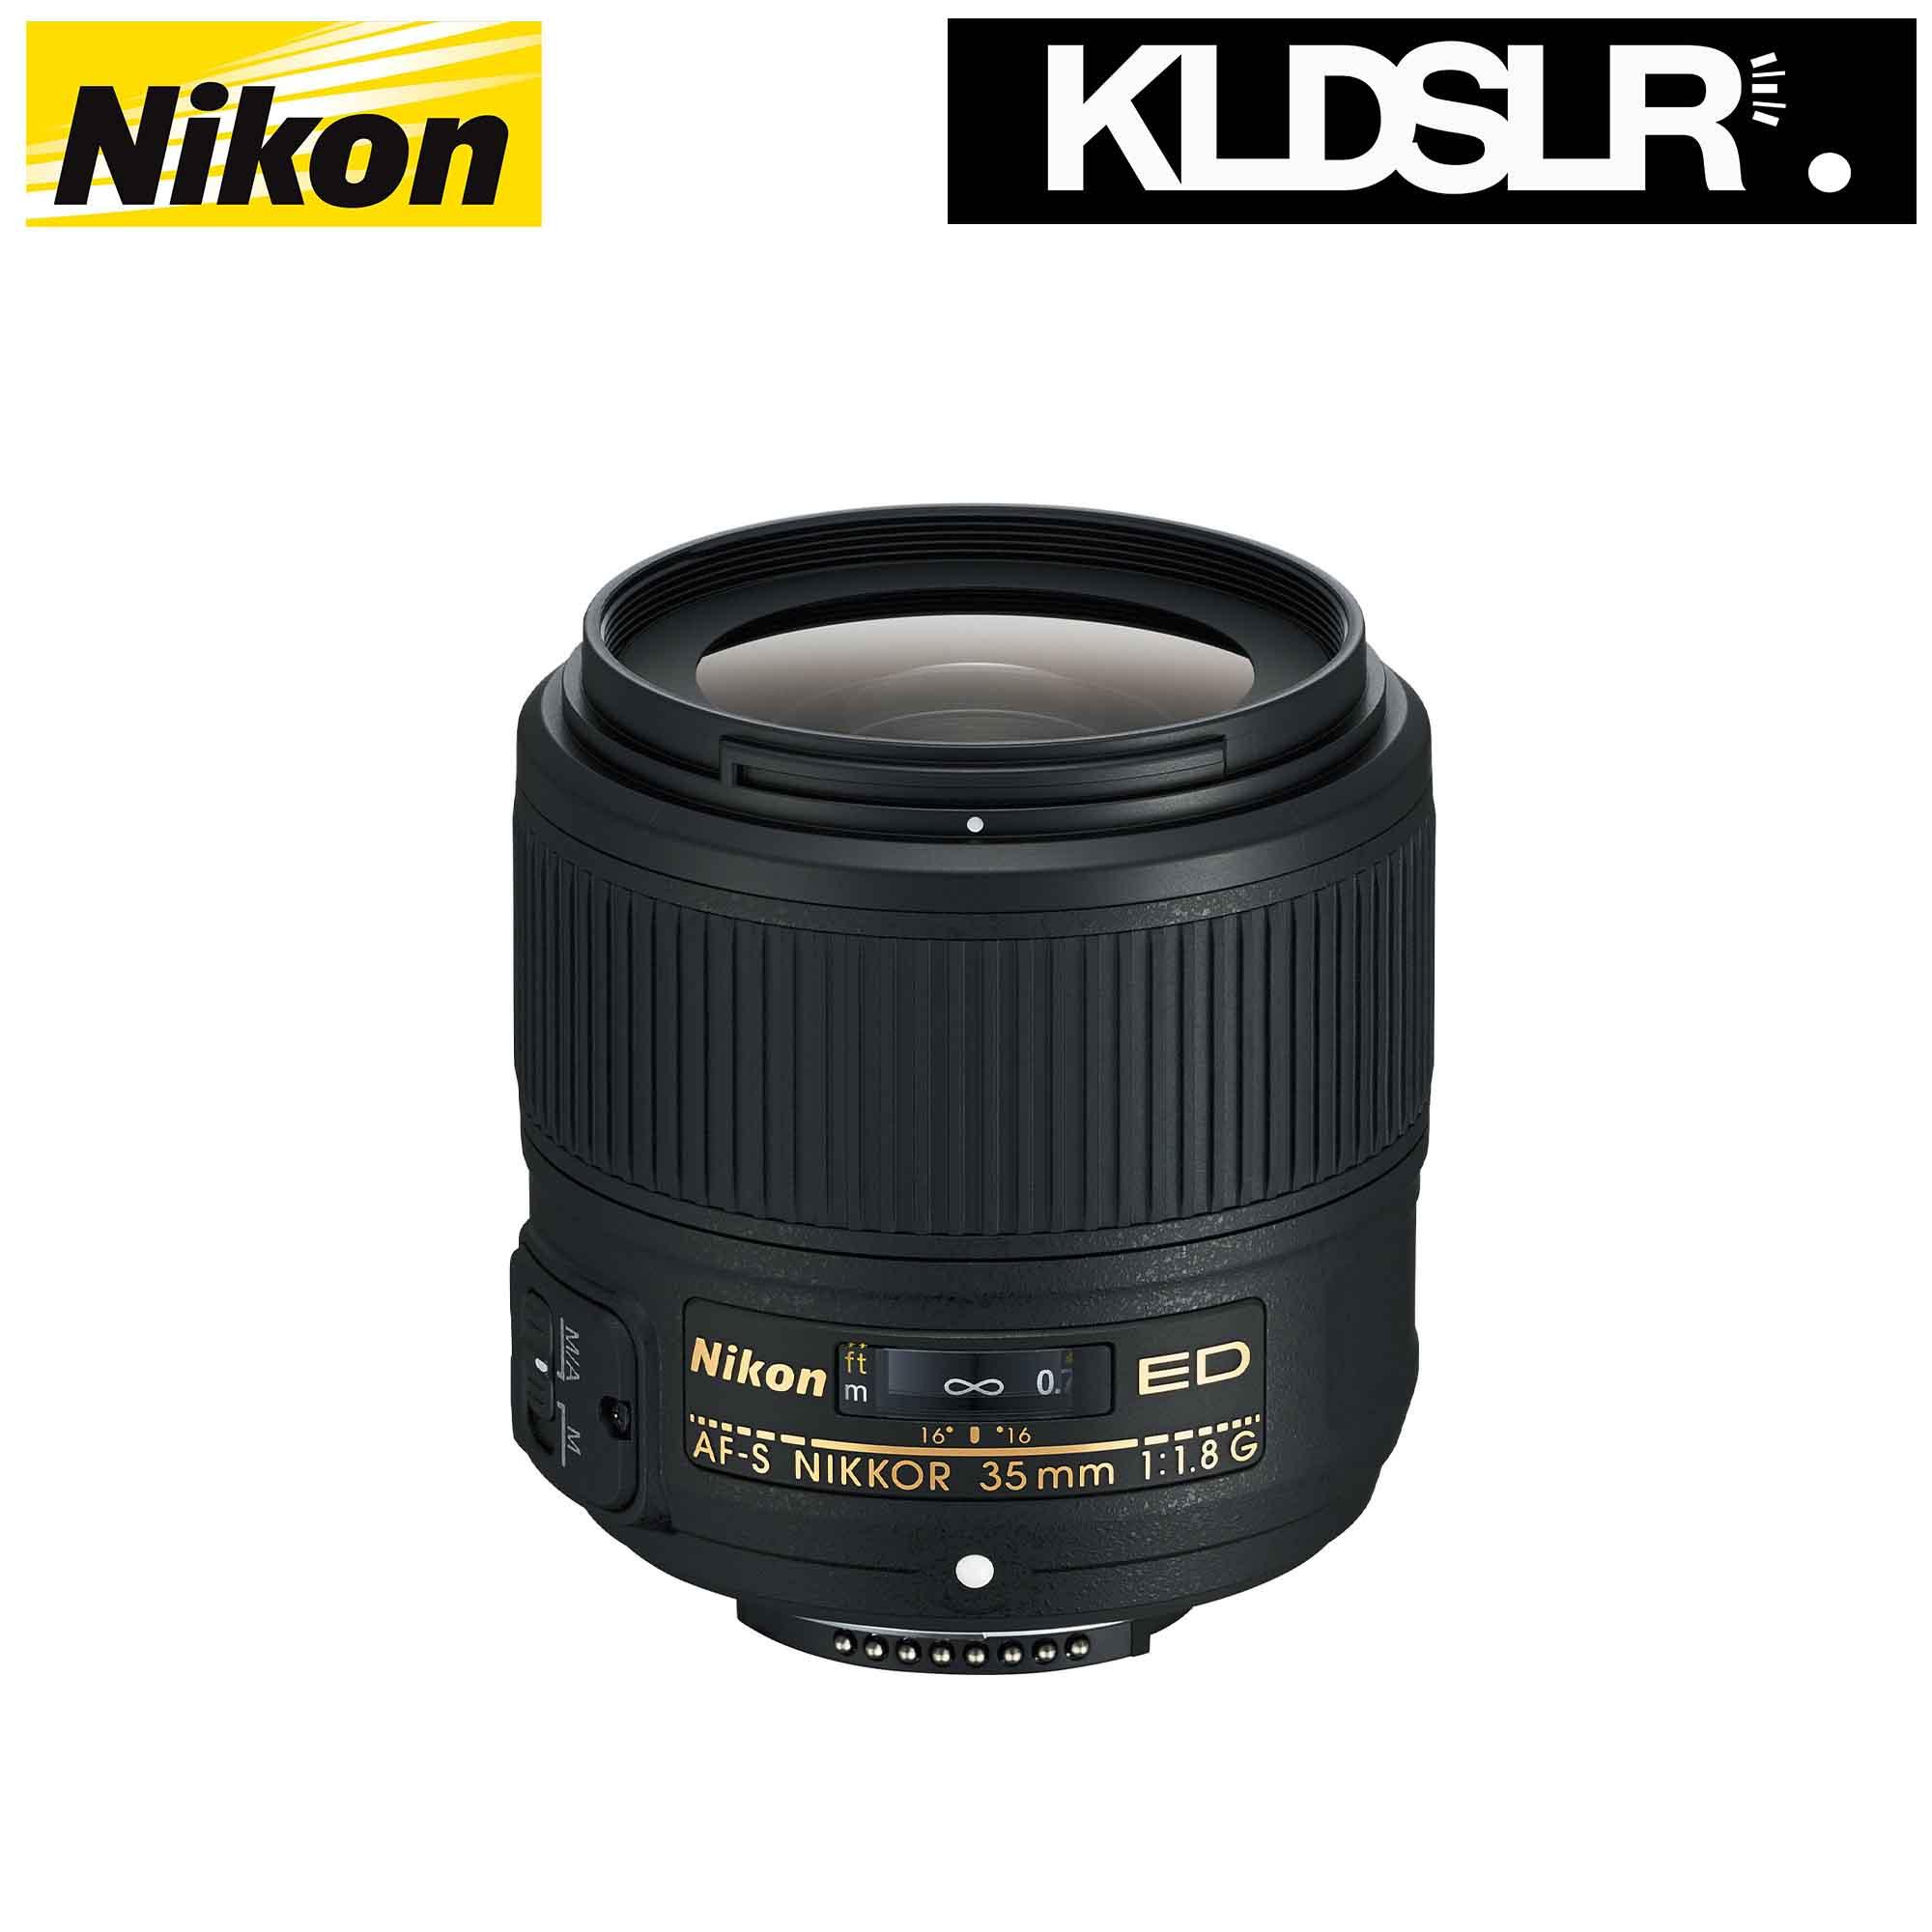 Nikon 35mm f/1.8G ED AF-S NIKKOR Lens (FX Full Frame Lens) (Nikon ...